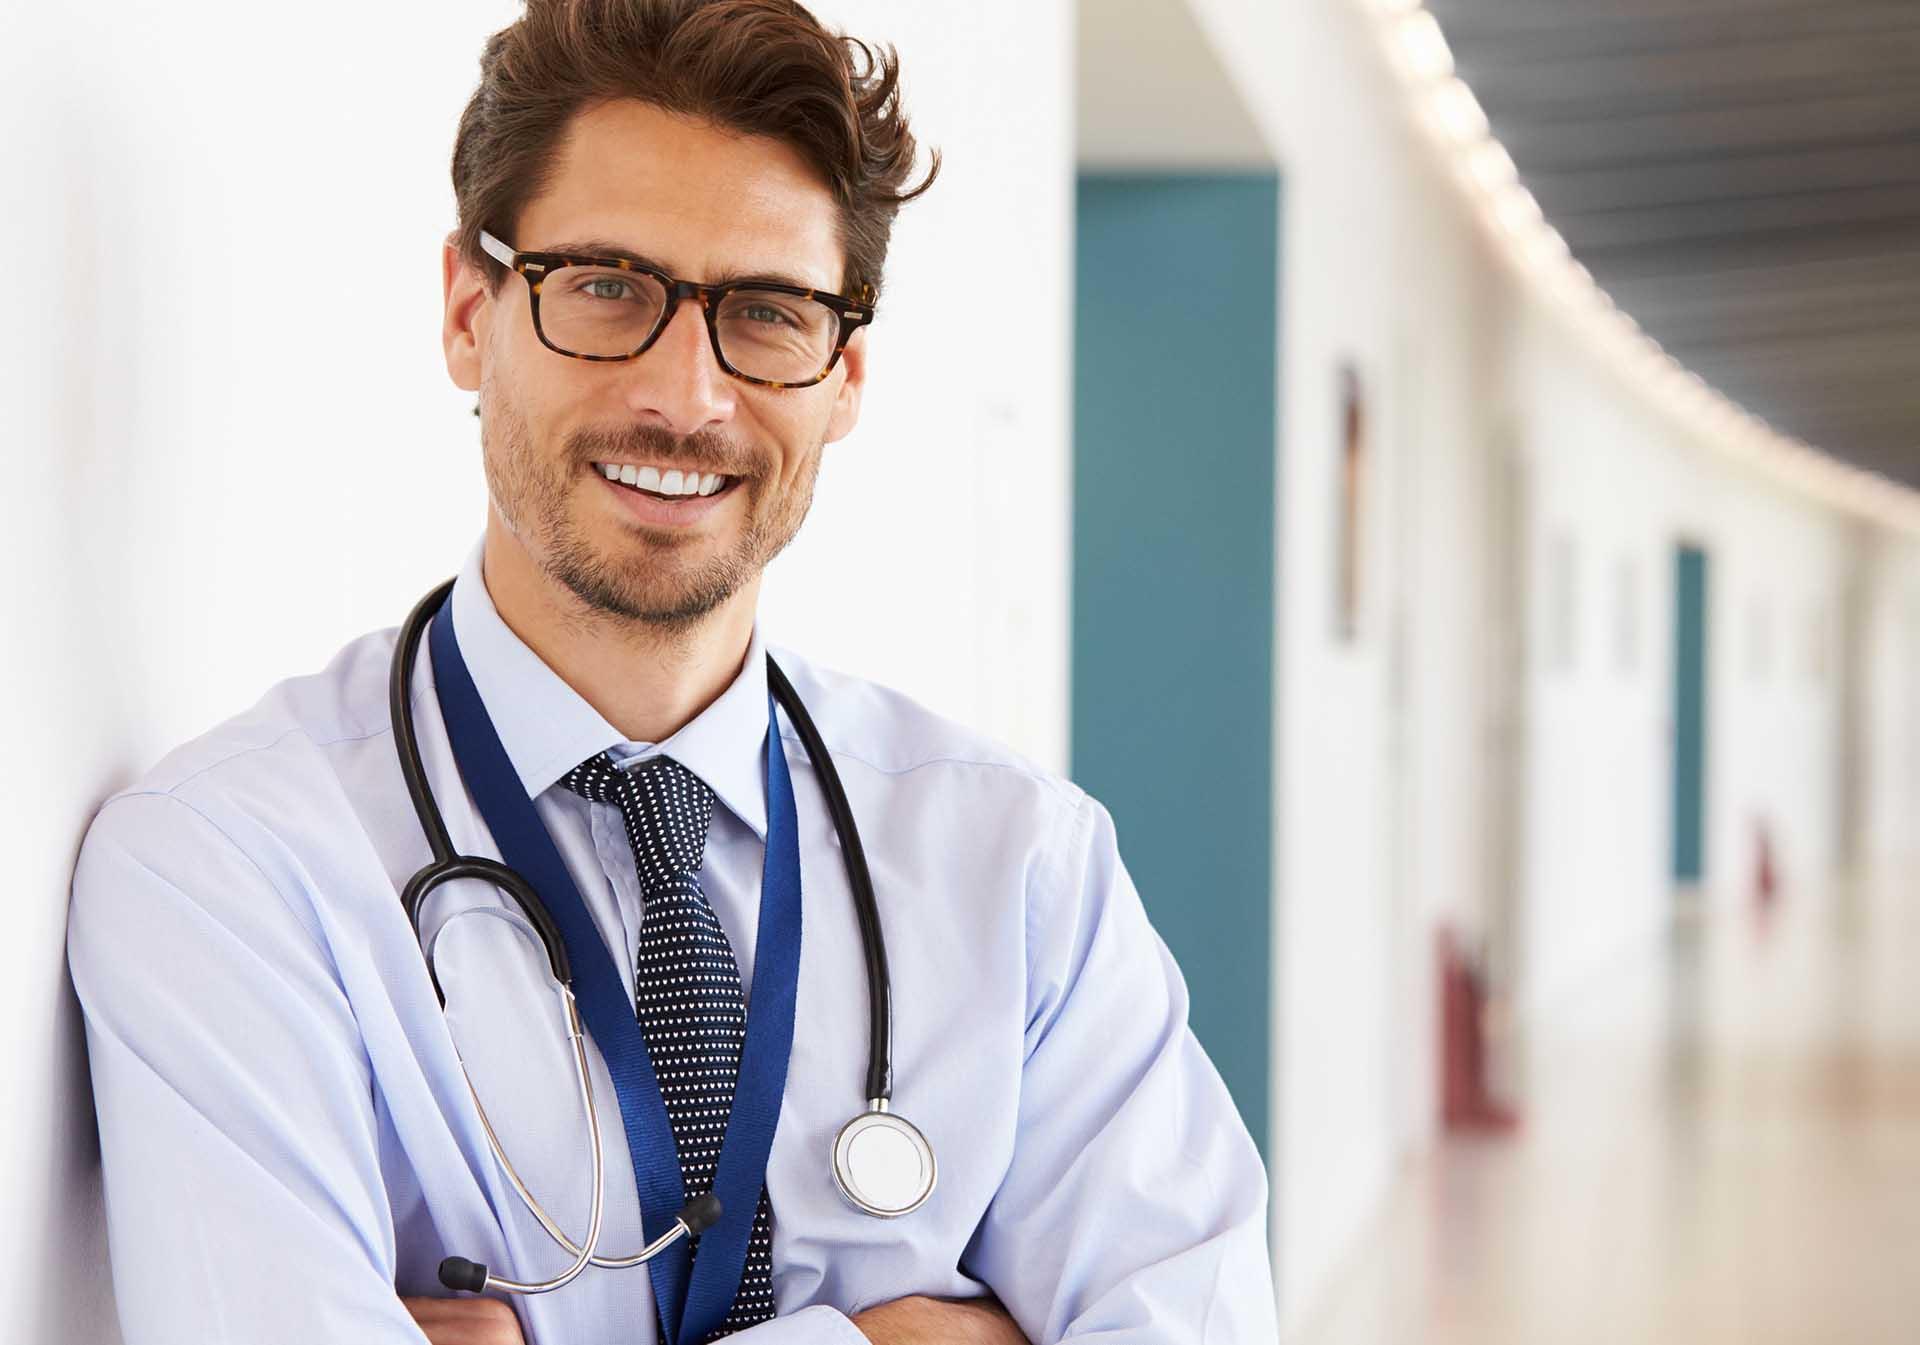 Tapasztalat a szolgáltatásfinanszírozó egészségbiztosítás működéséről